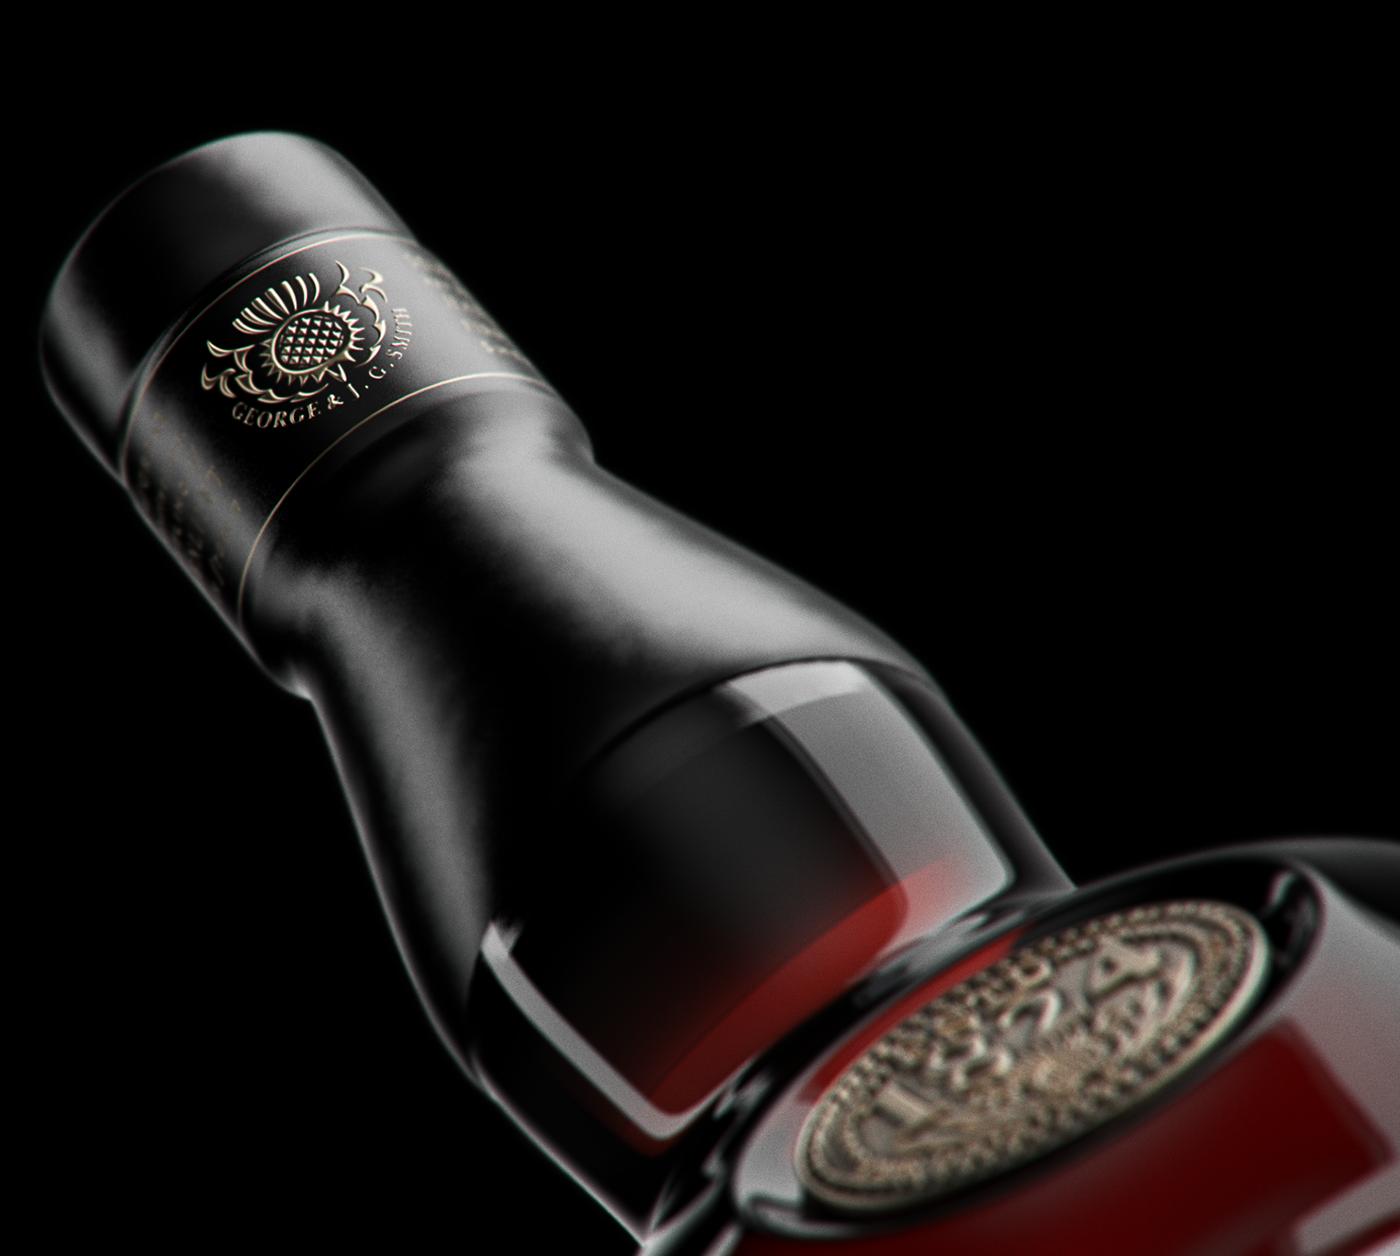 Whisky Whiskey Glenlivet Autodesk Martin Kamminga   christiaan design8 keyshot 3ds max realflow Vodka modeling rendering CGI